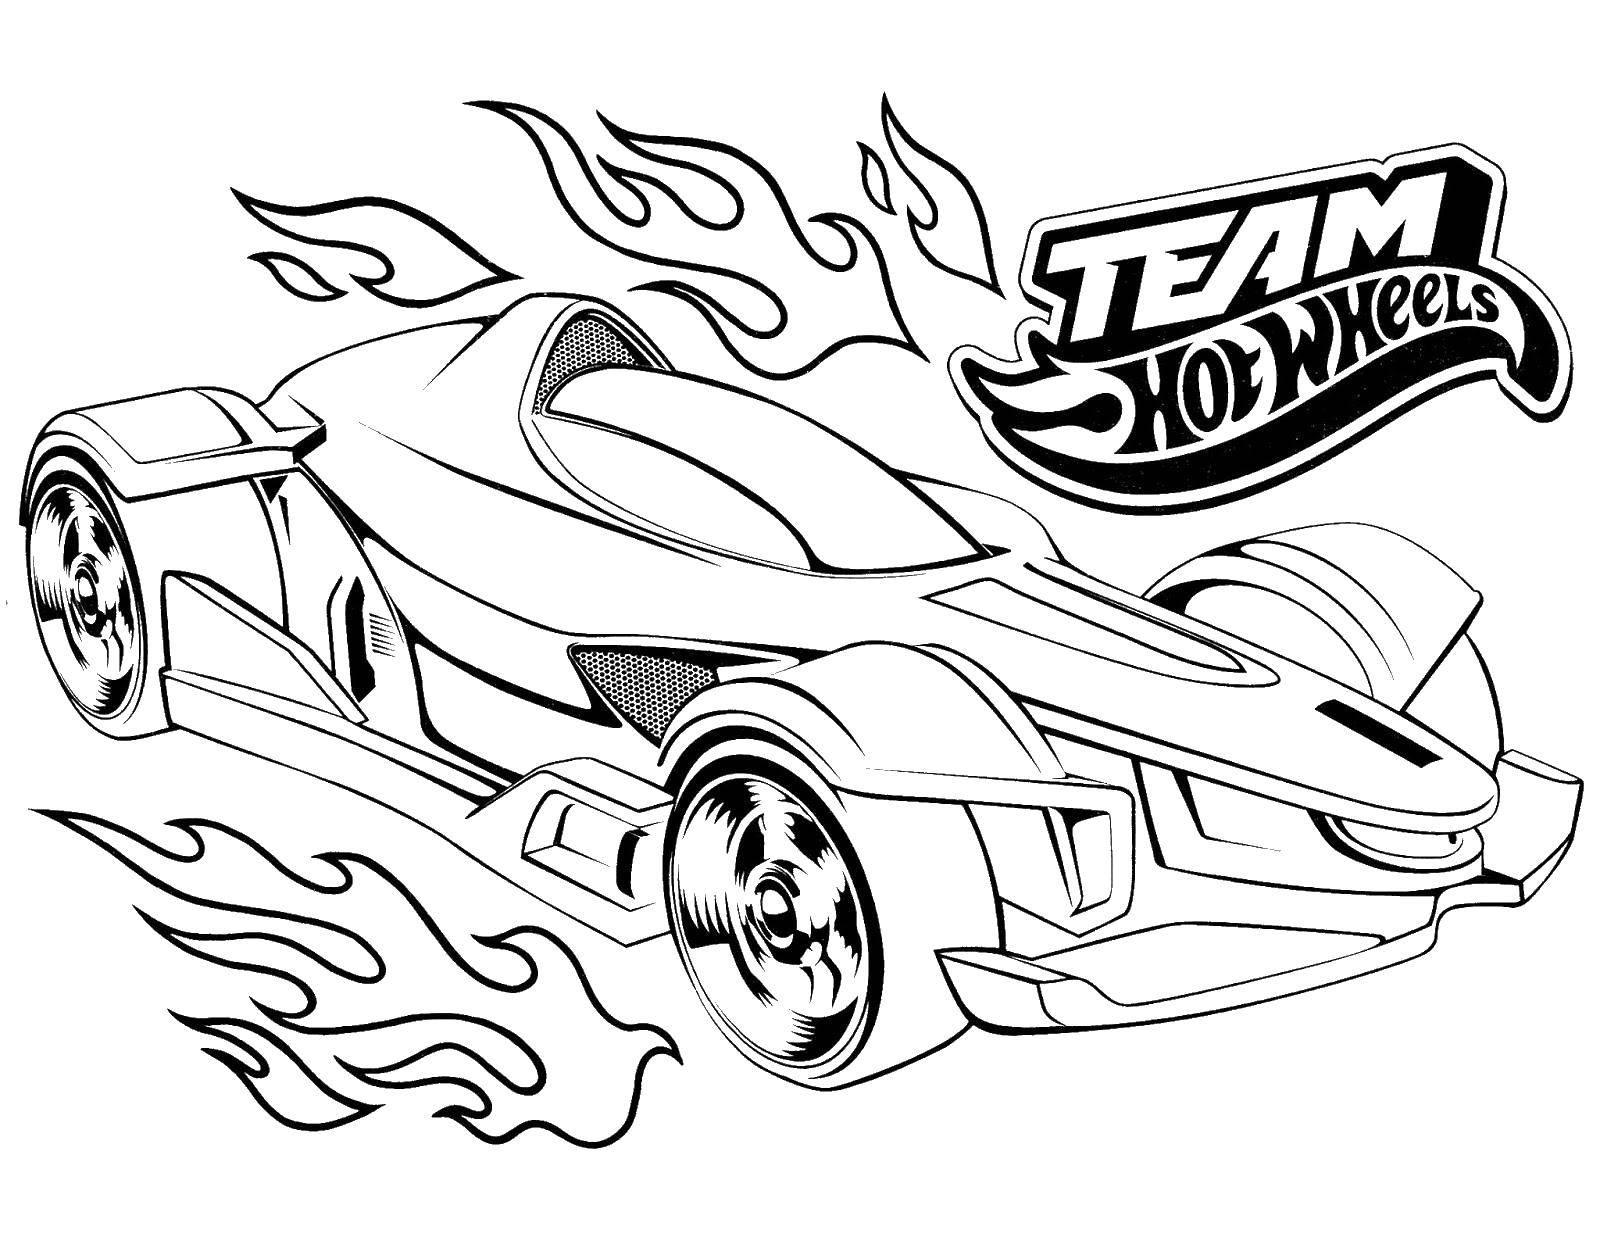 Раскраска Гоночная машина с рисунком пламени Скачать Машина, гоночная.  Распечатать ,Машины,